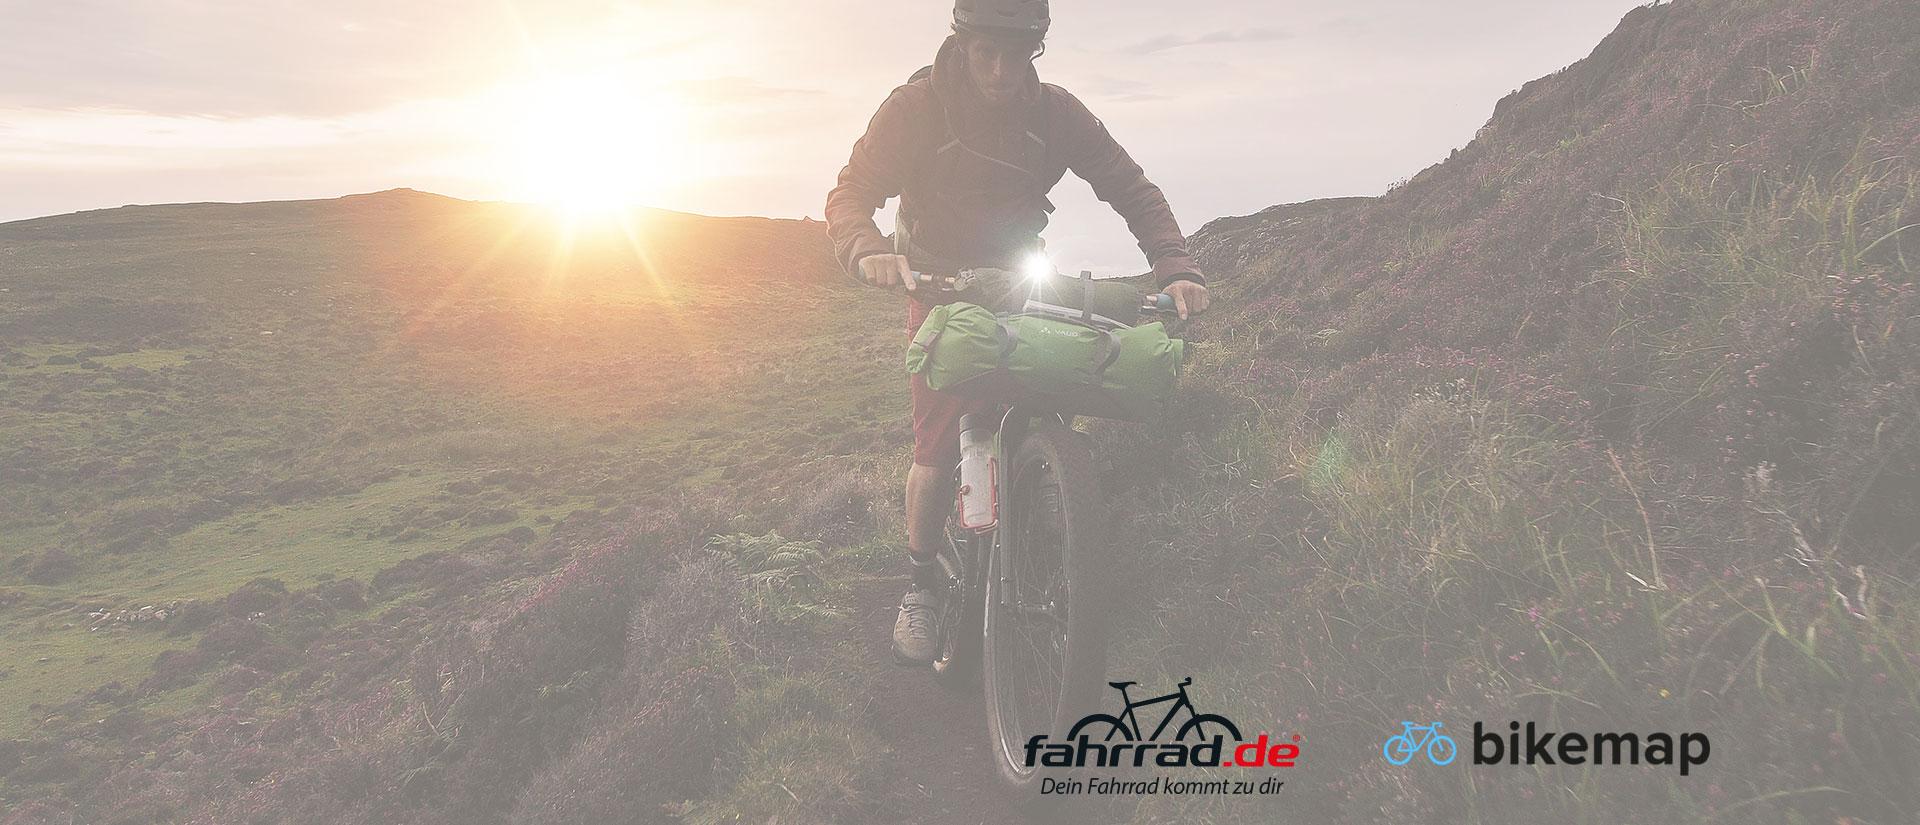 Top Fahrrad-Blog Kategorie Bikepacking und Radreise